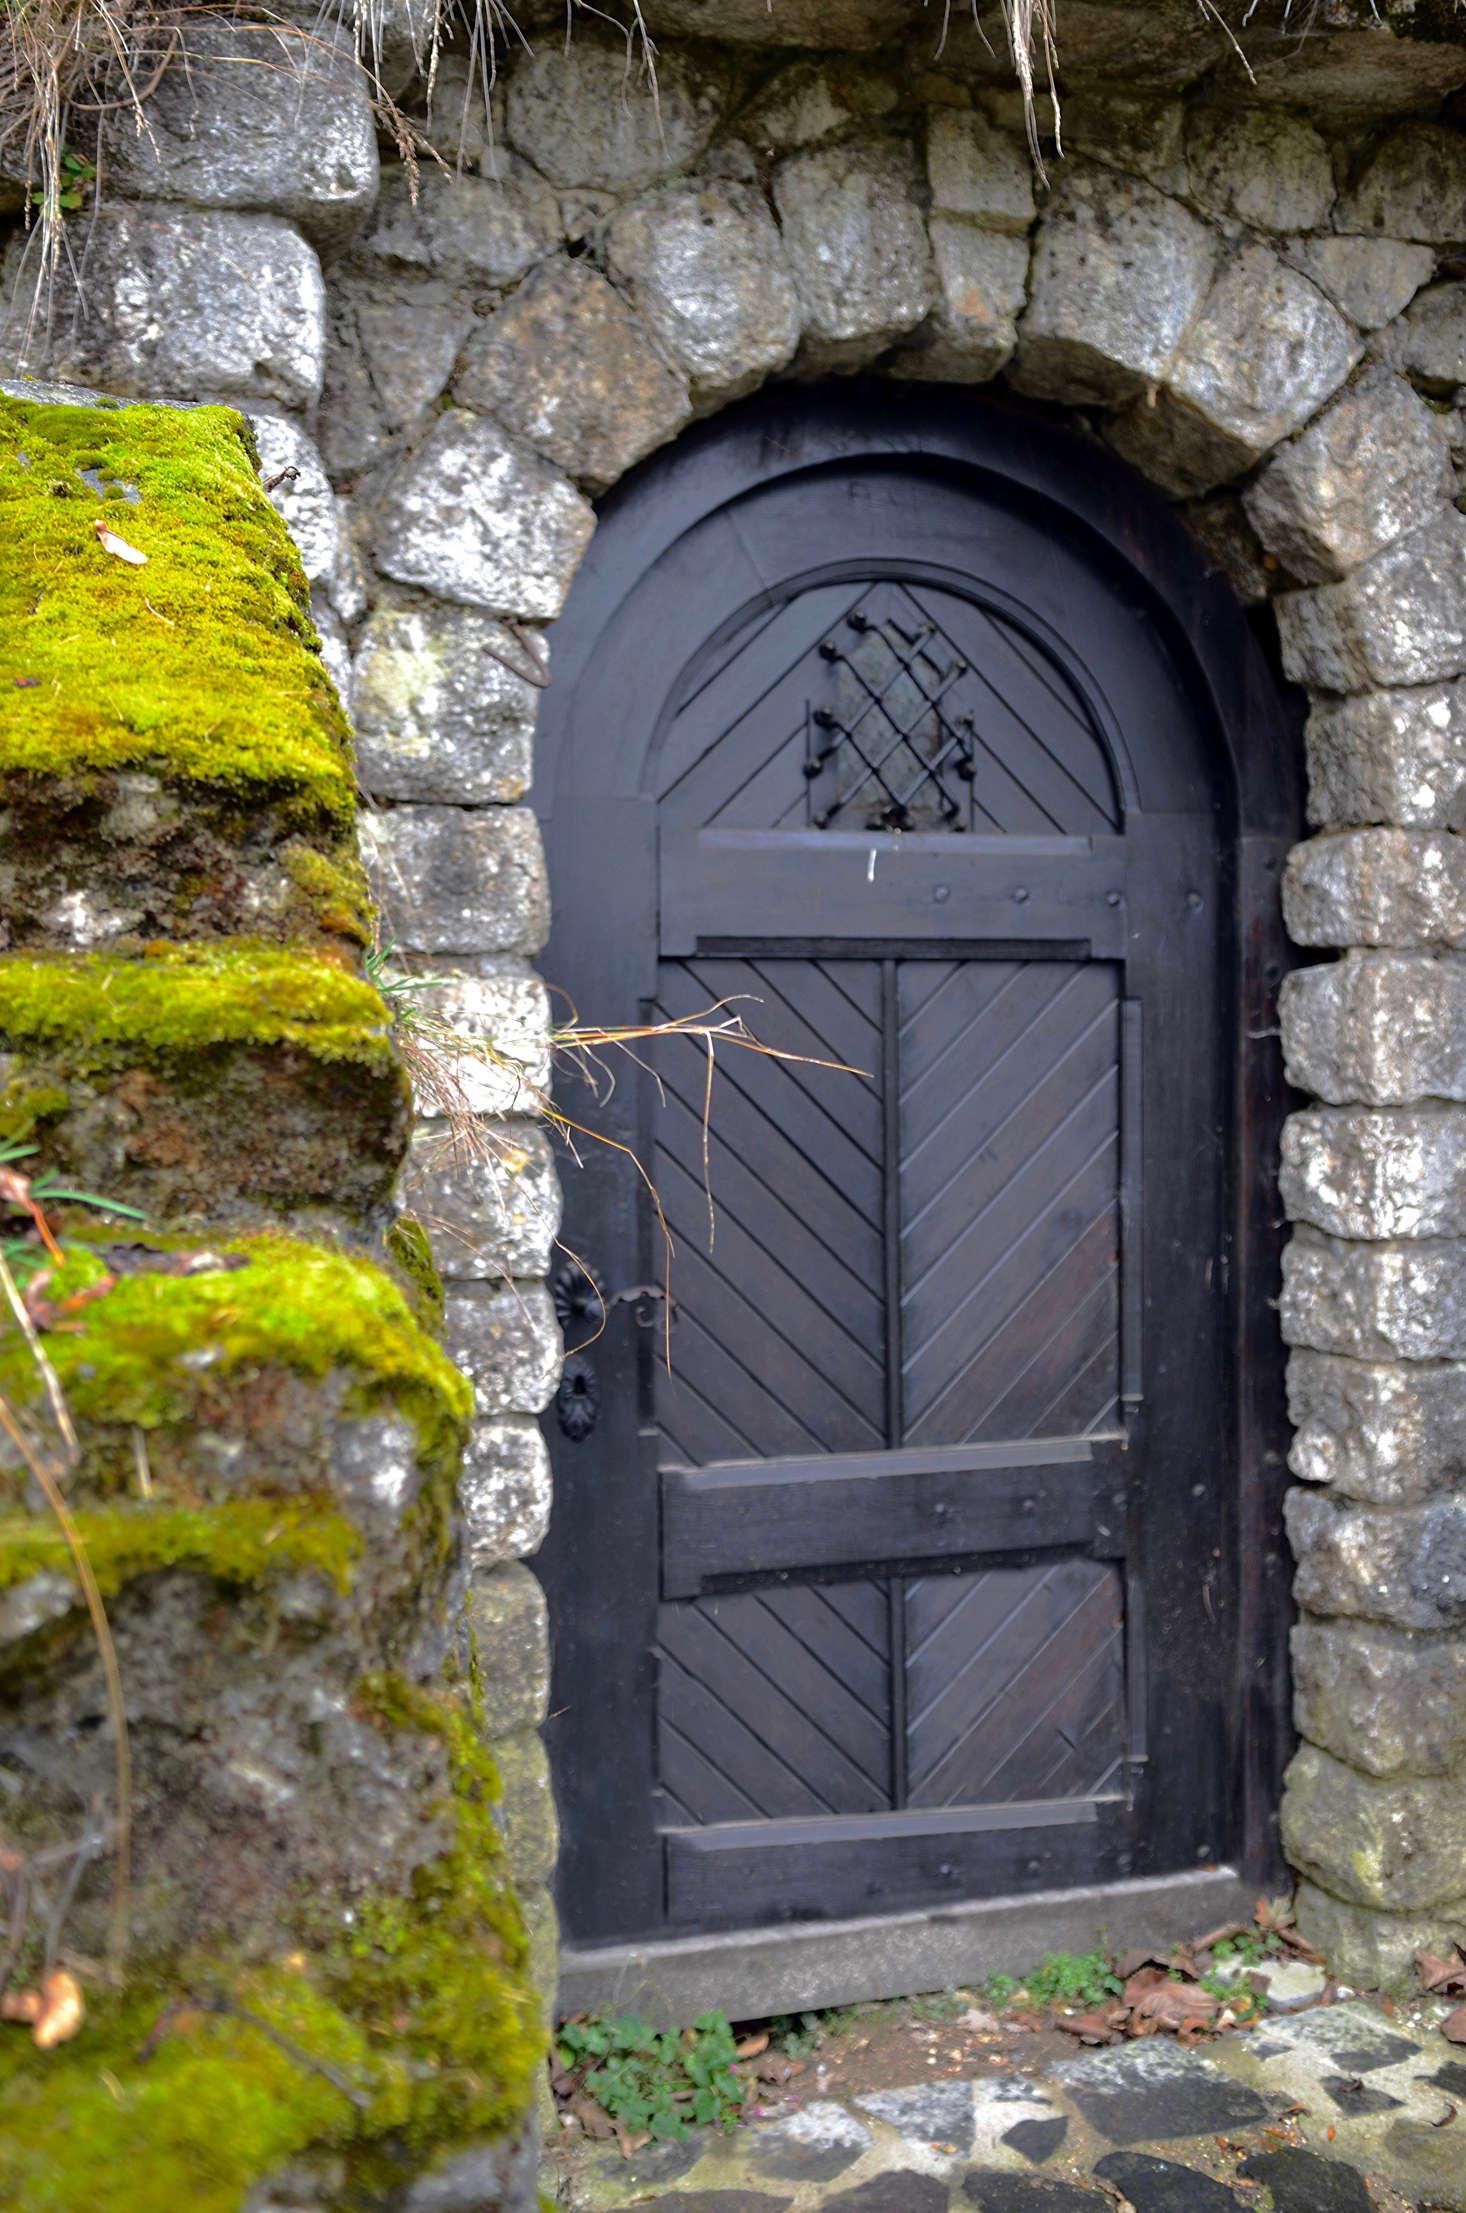 在一个位于圣纳堡的城堡里有一座城堡。来自杰森·斯特勒的照片。